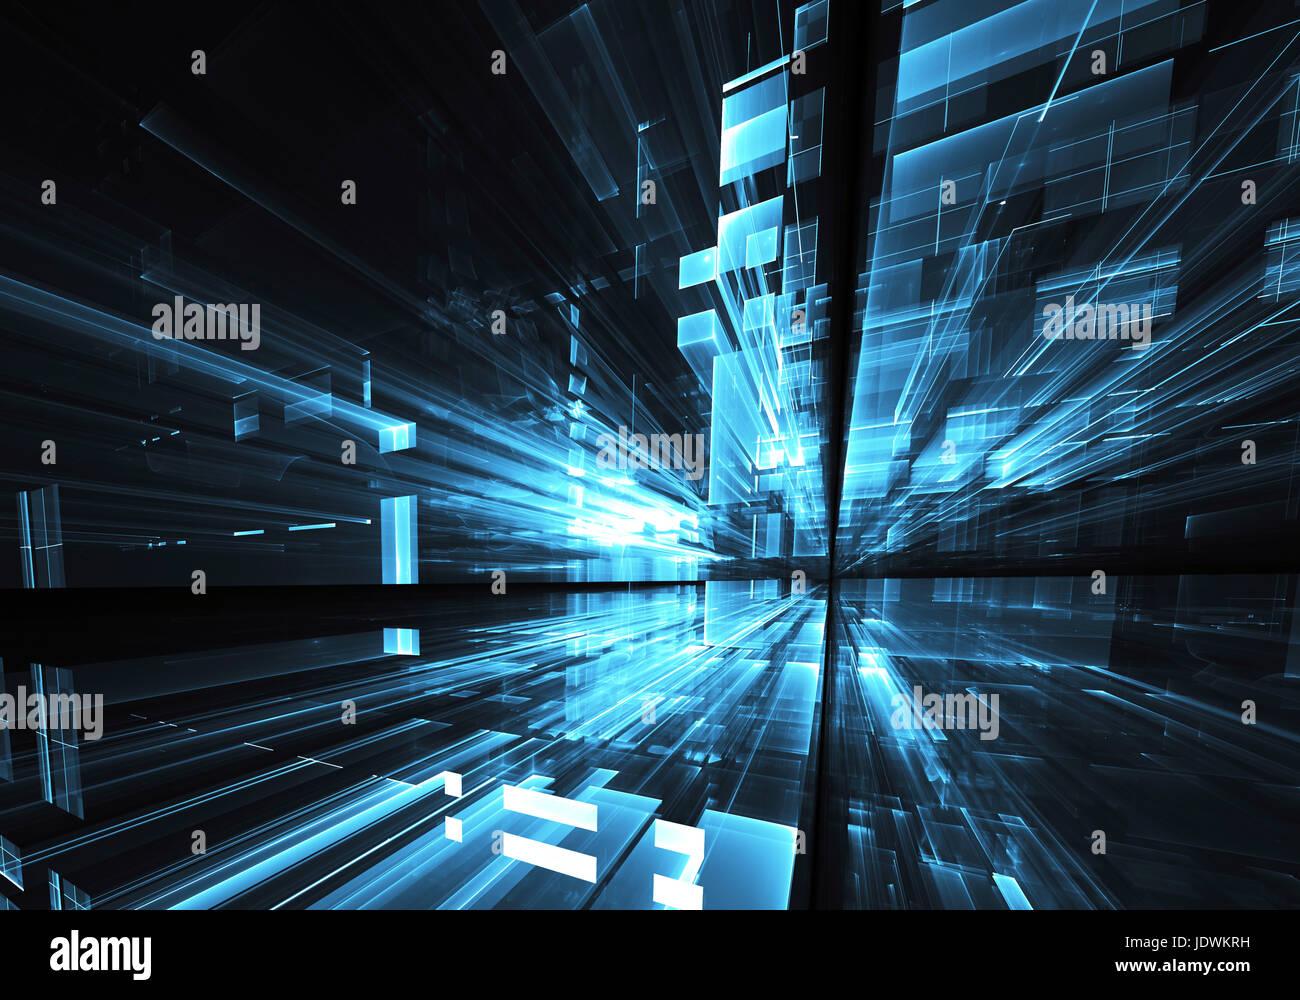 Resume De Droit De La Technologie Informatique Texture Fractale En Trois Dimensions 3d Illustration Photo Stock Alamy